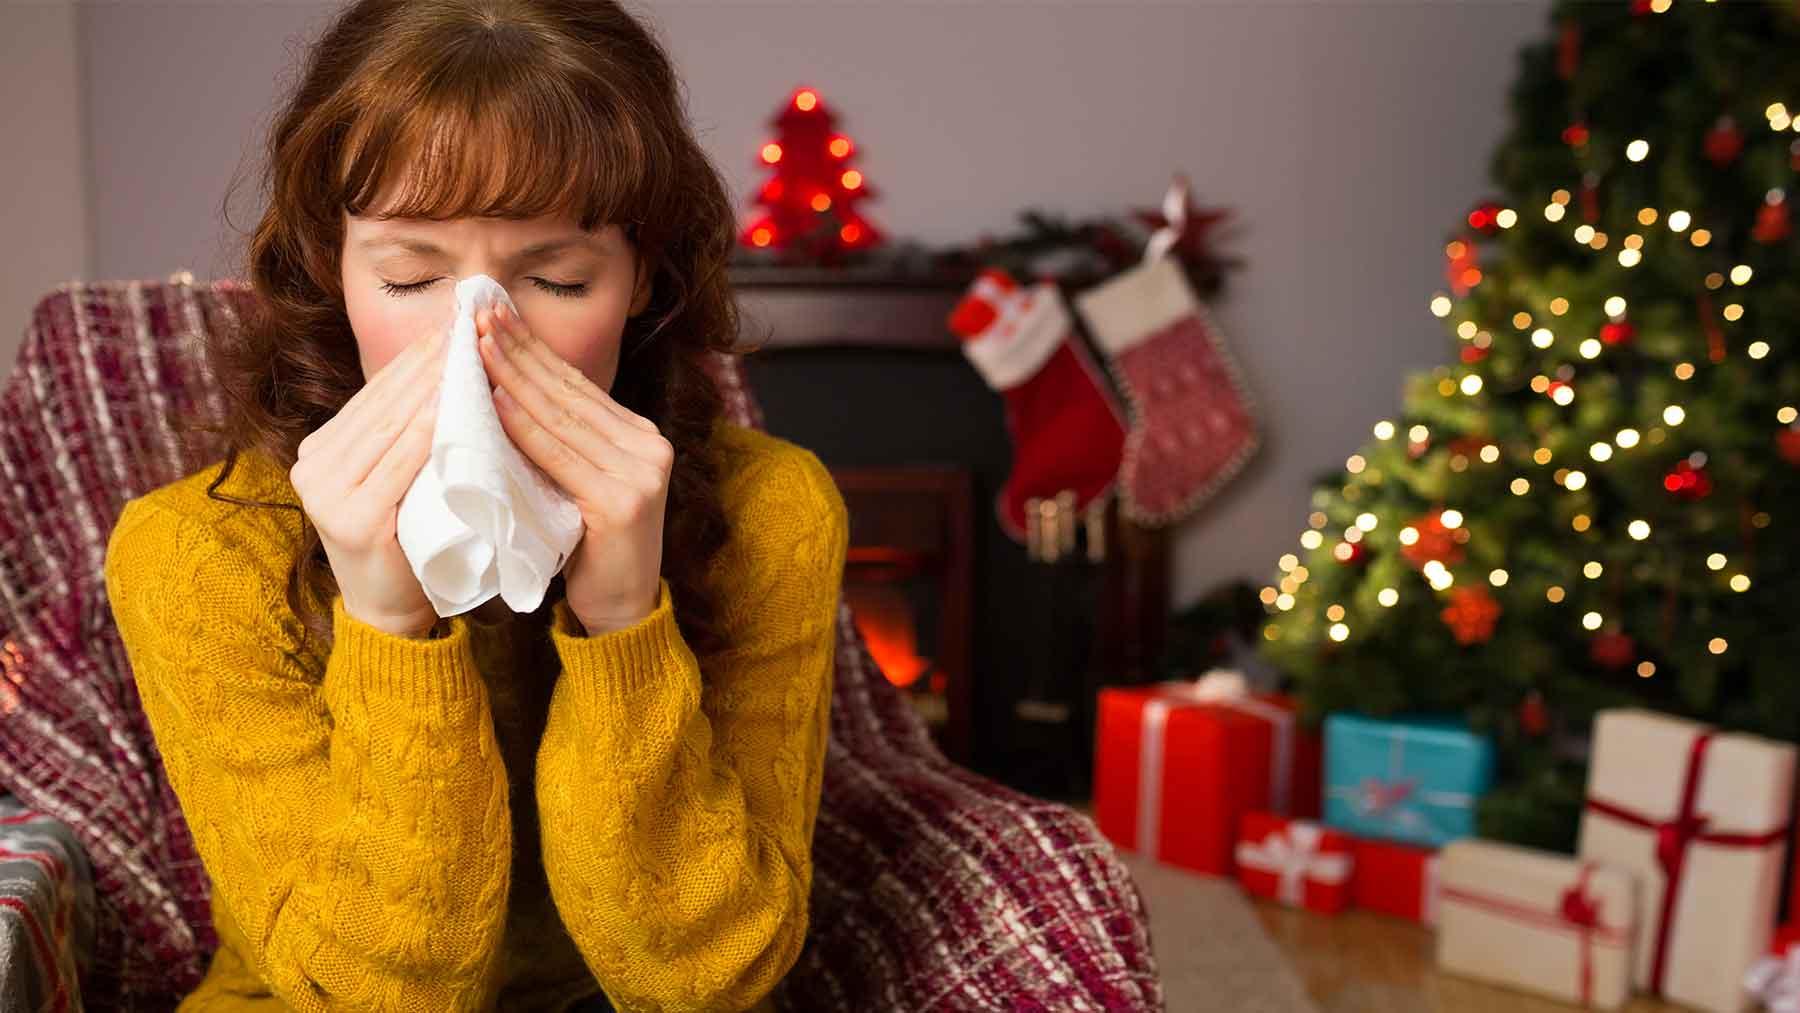 Аллергия на новогоднюю елку. Новый год без неприятных сюрпризов.